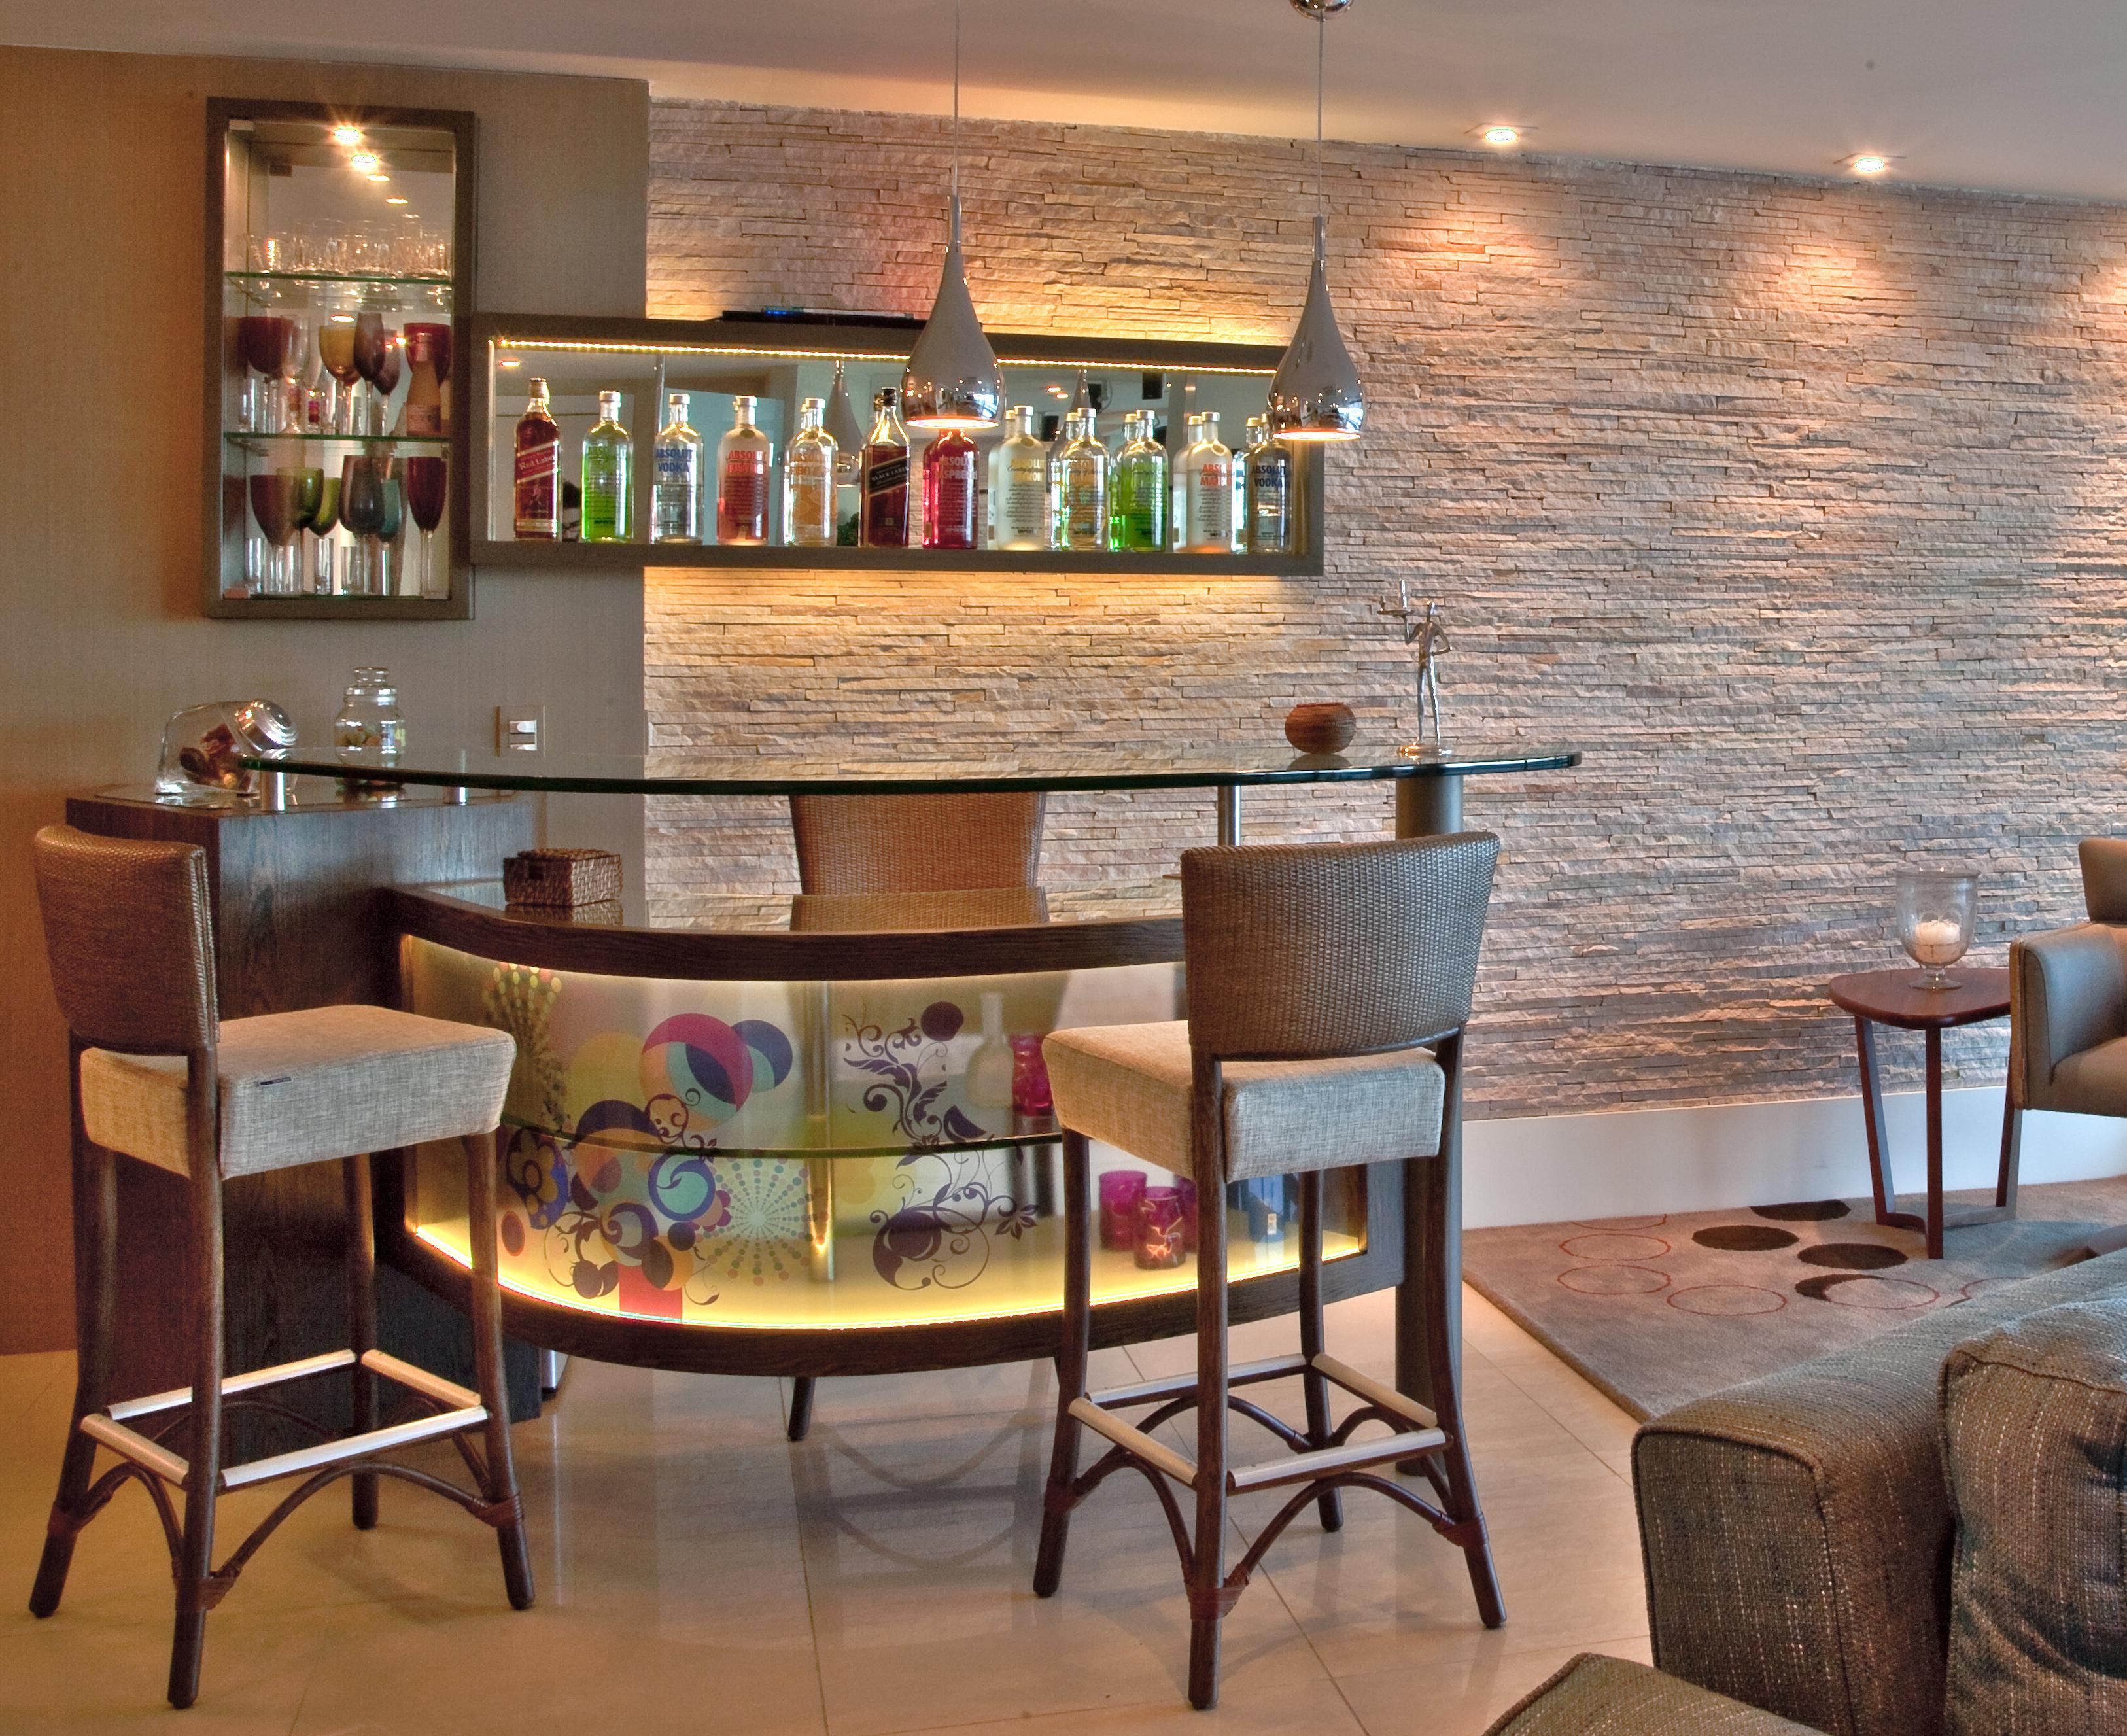 #474386 Como montar um bar charmoso em casaFabiana Scaranzi 3252x2654 píxeis em Bar Para Sala De Estar Moderno Com Rodas